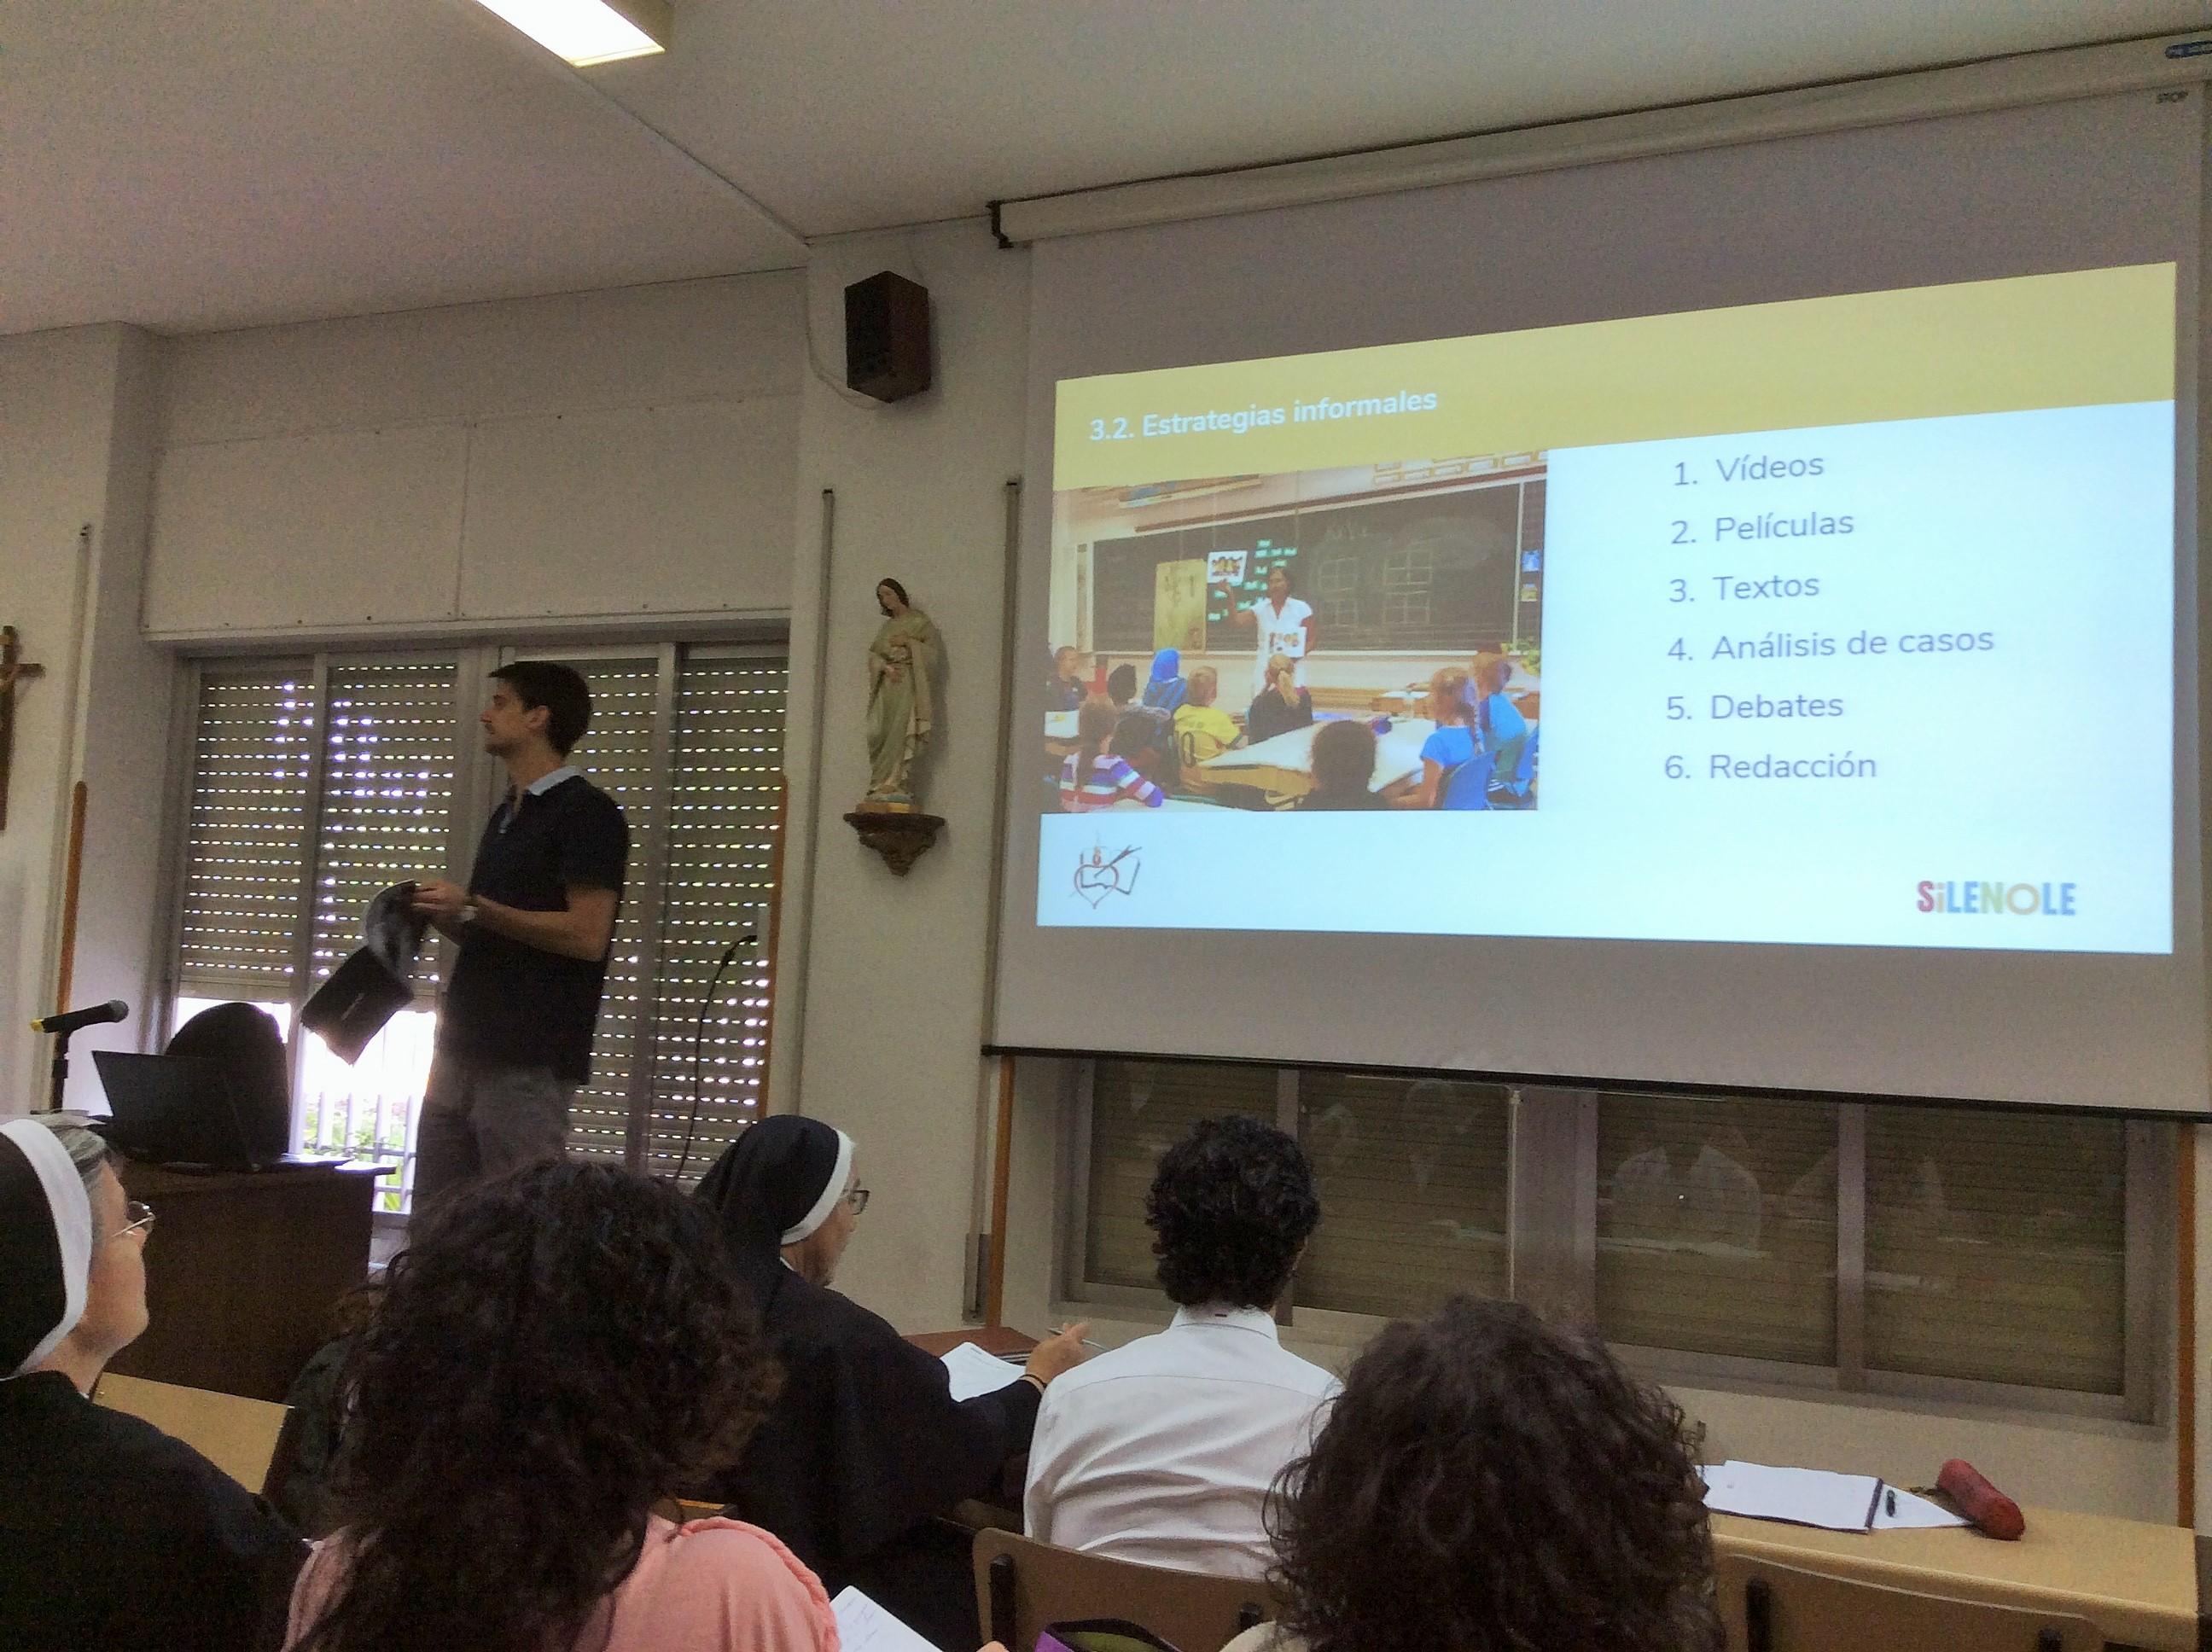 Tercera sesión del Curso de Prevención de Violencia Escolar